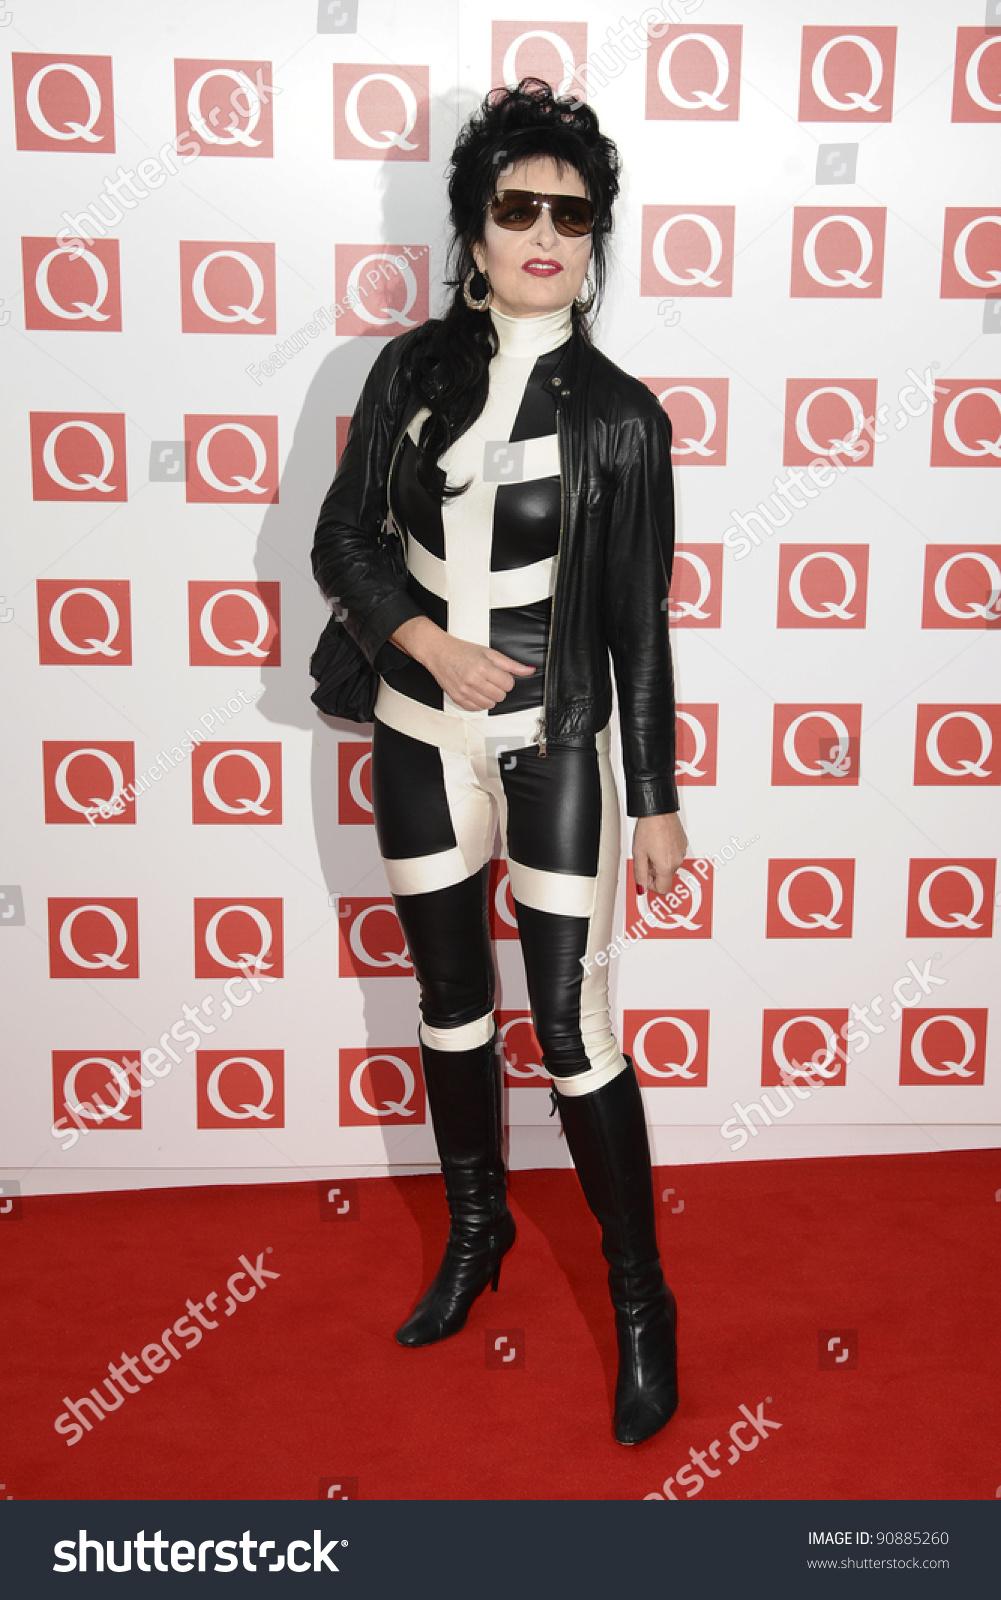 Watch Siouxsie Q video